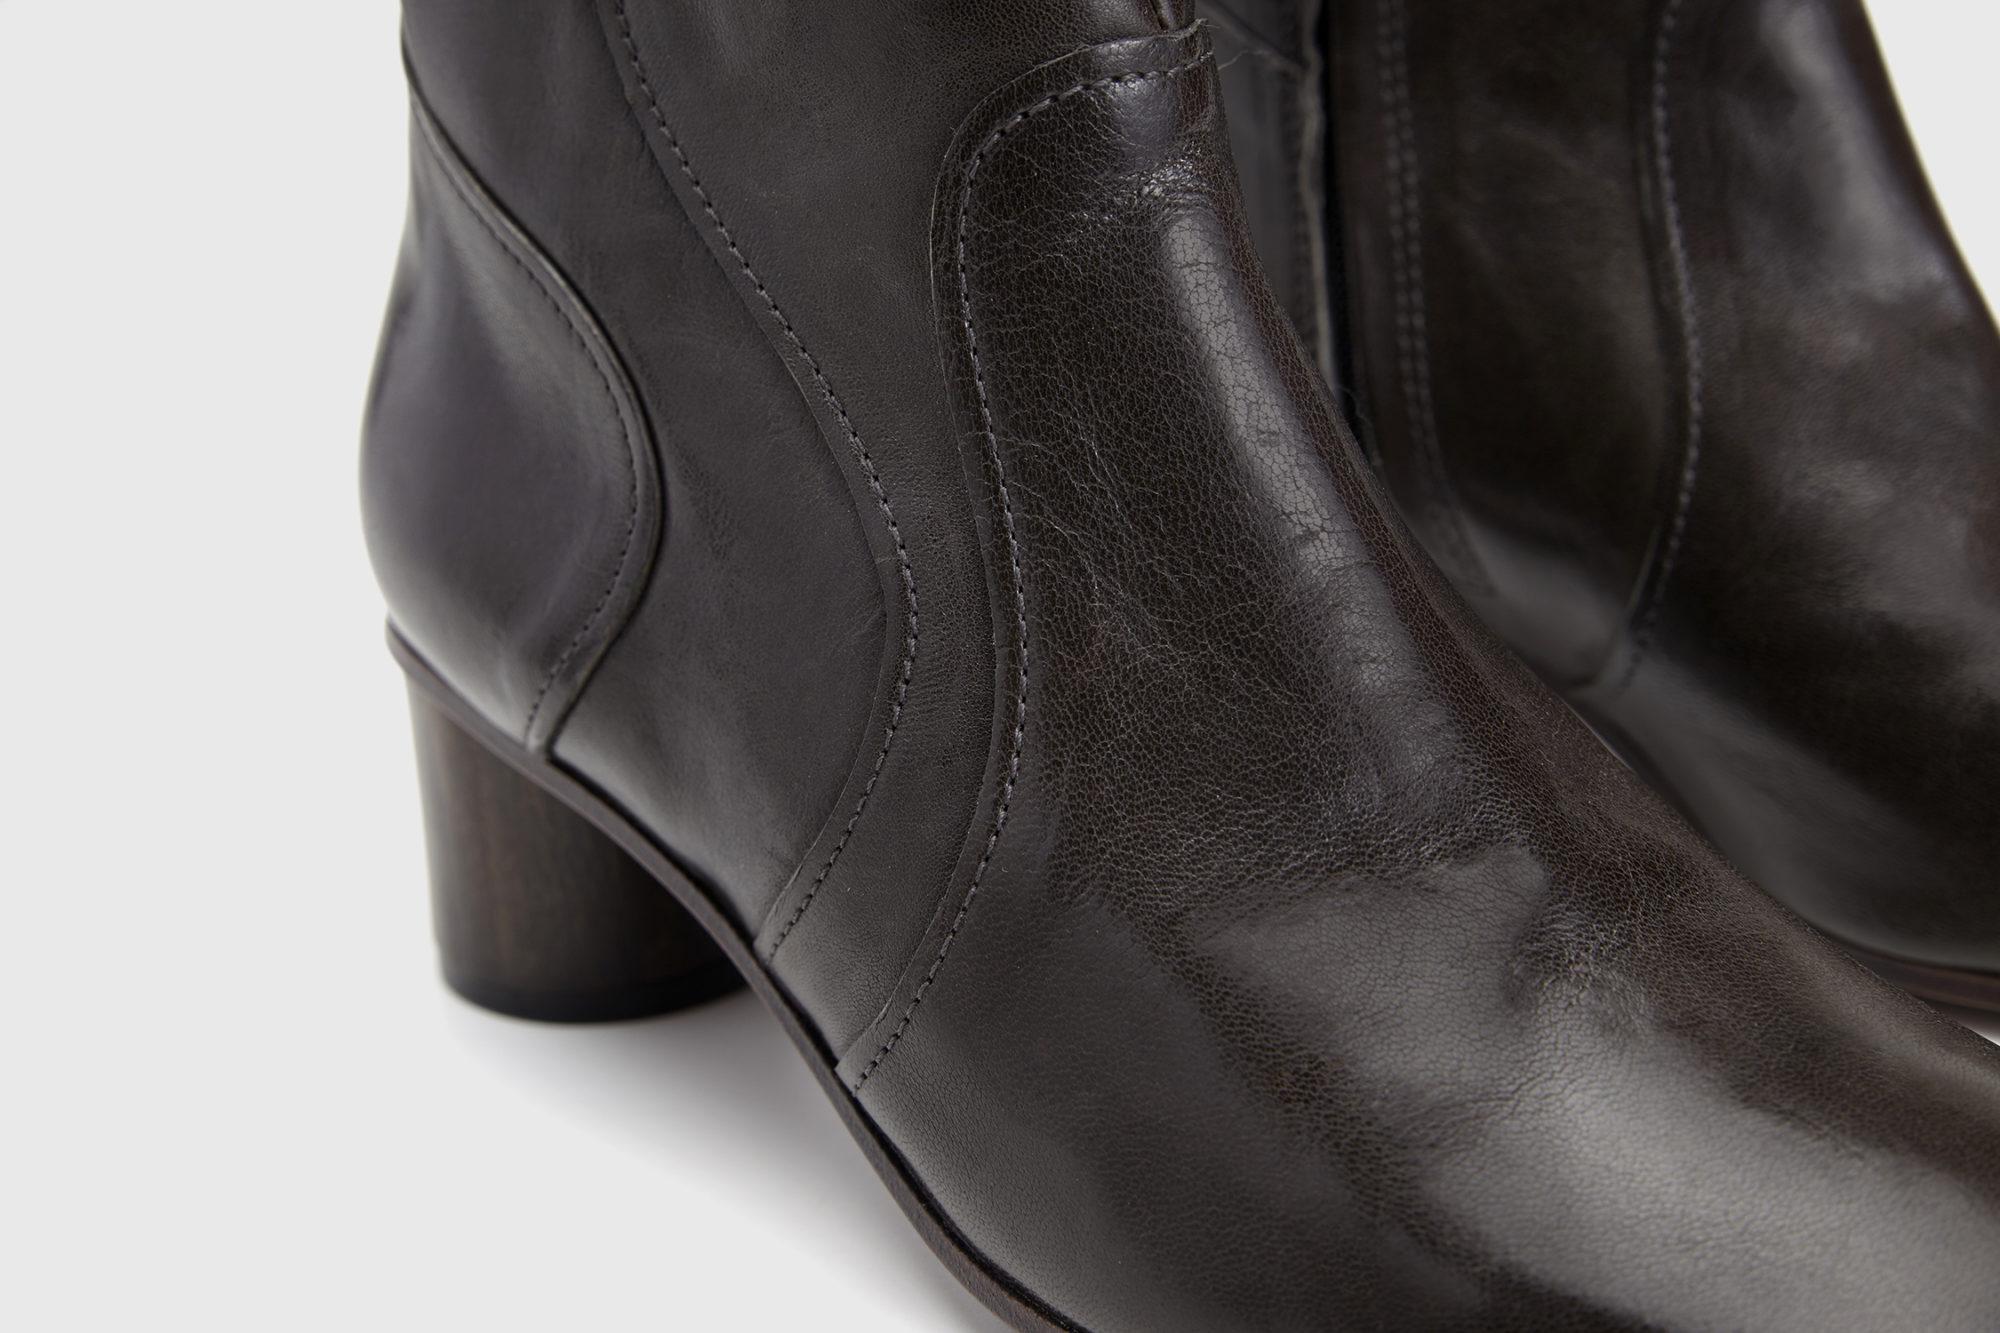 Dorotea botín de tacón medio Caroline gris ss17 detalle